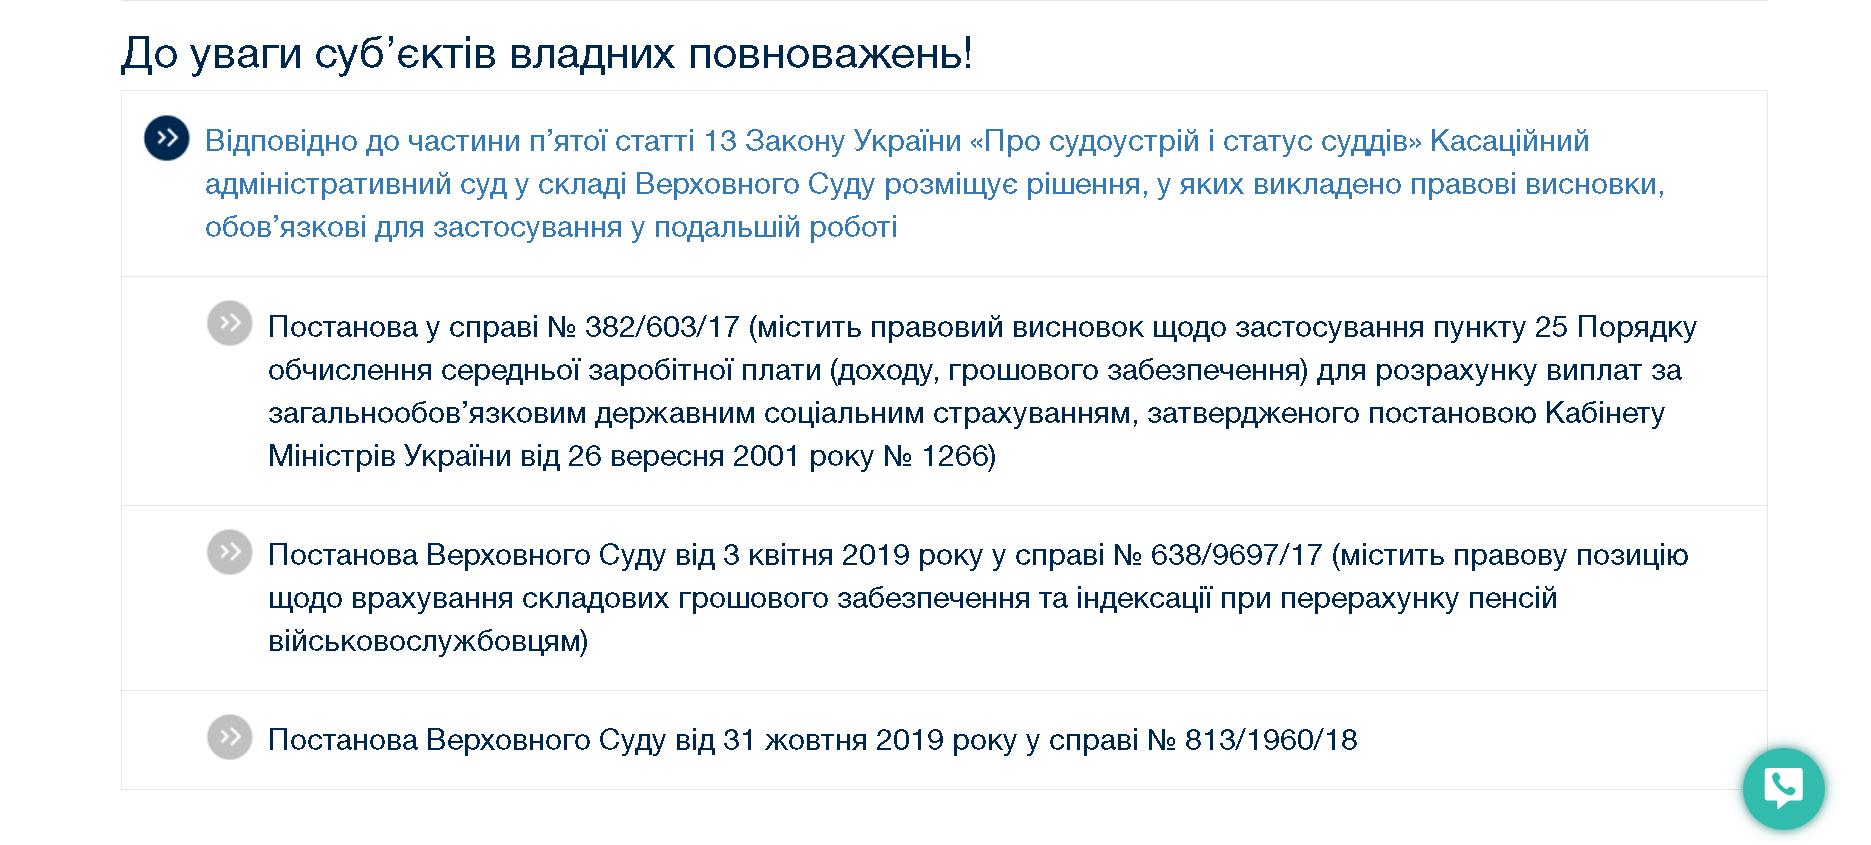 ВС_Для_СВП